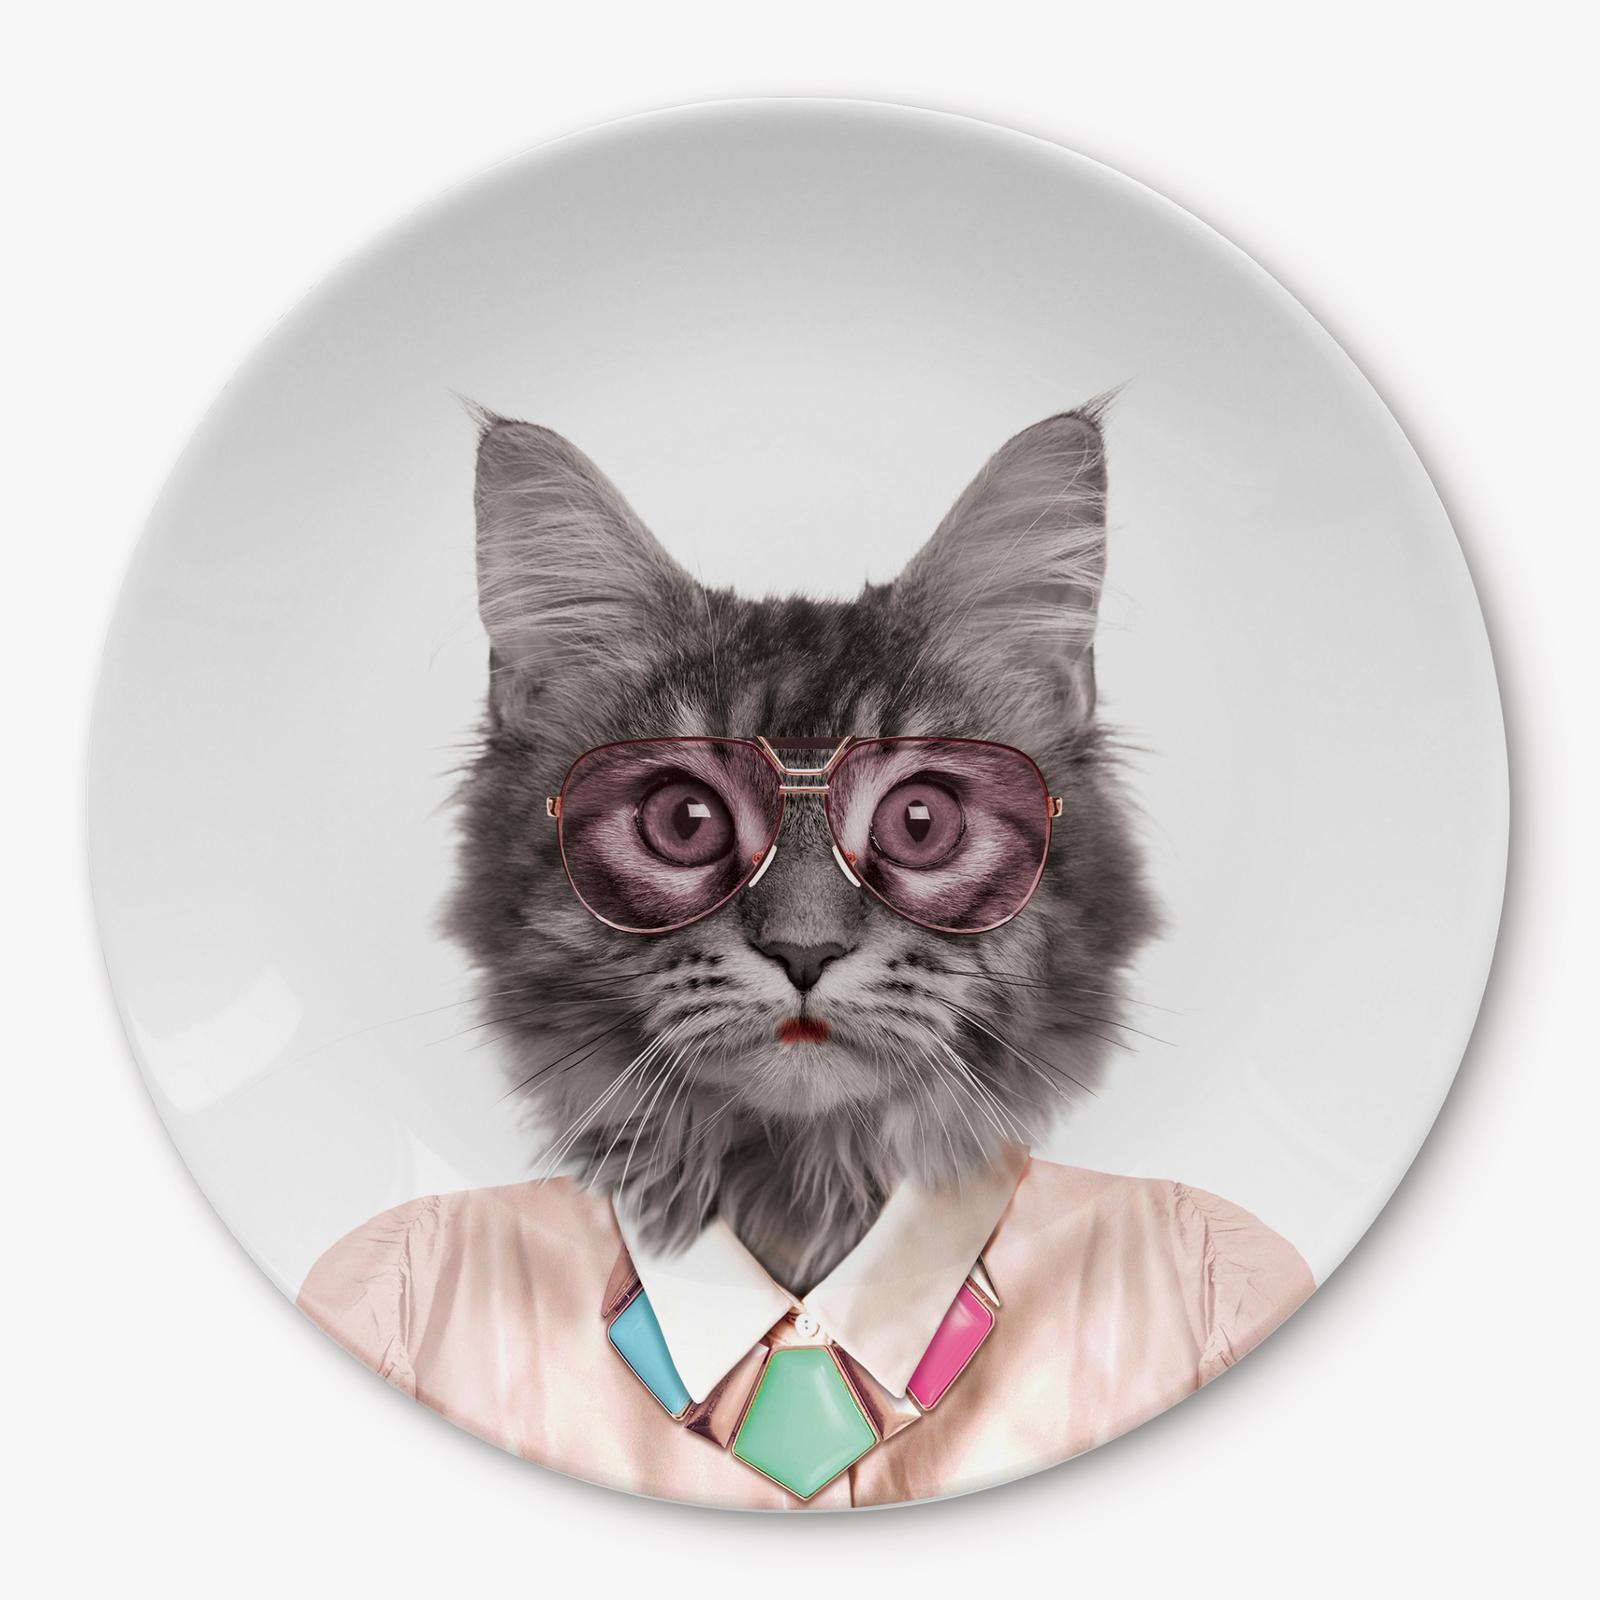 Wild Dining: Ceramic Dinner Plate - Cat (23cm) image